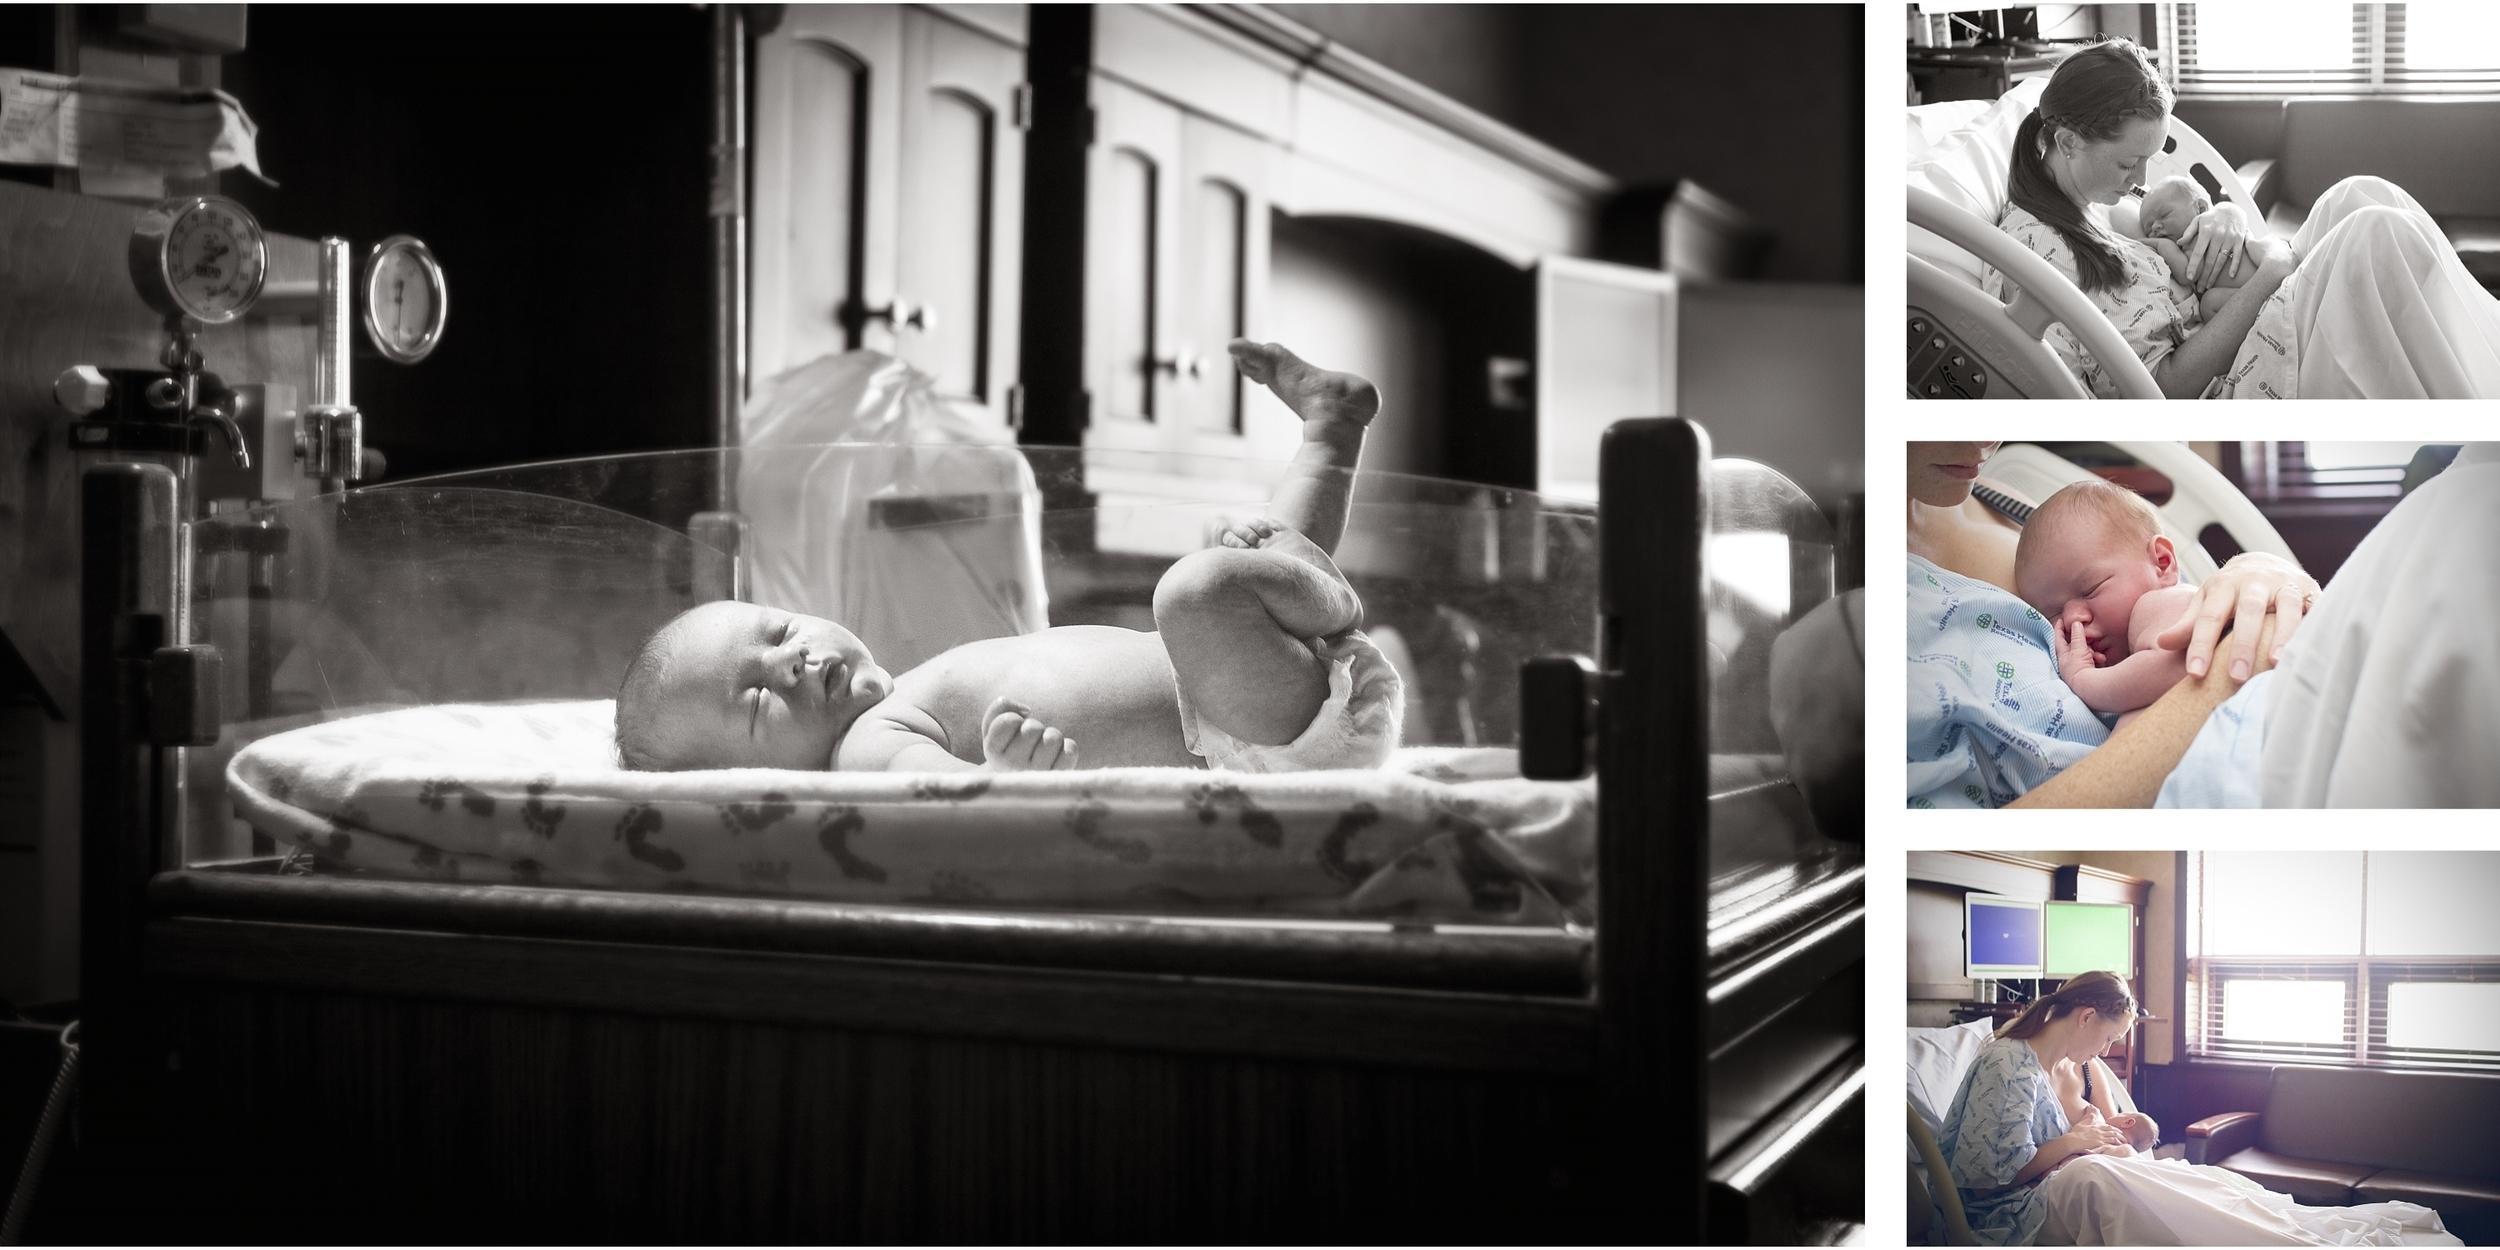 birth photography, birth stories 101, dfw birth photographer, cleburne birth photography, edenway birth center